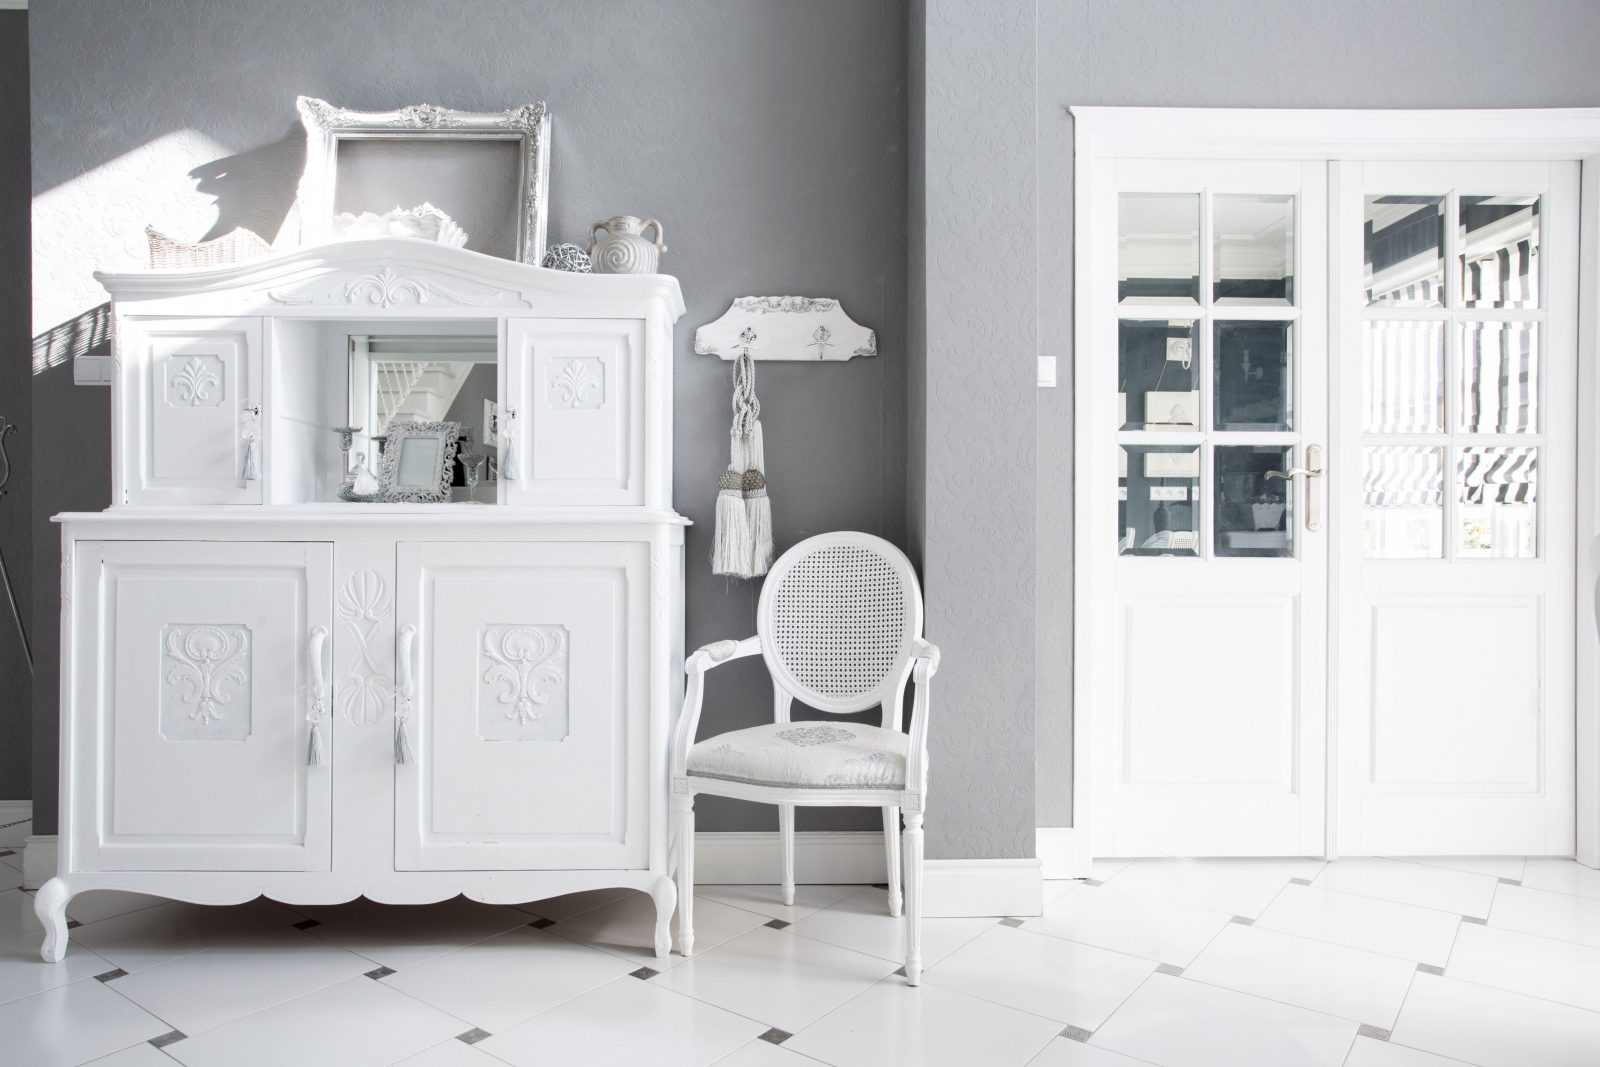 dunkle m bel stilvolle dunkle m bel wei streichen. Black Bedroom Furniture Sets. Home Design Ideas